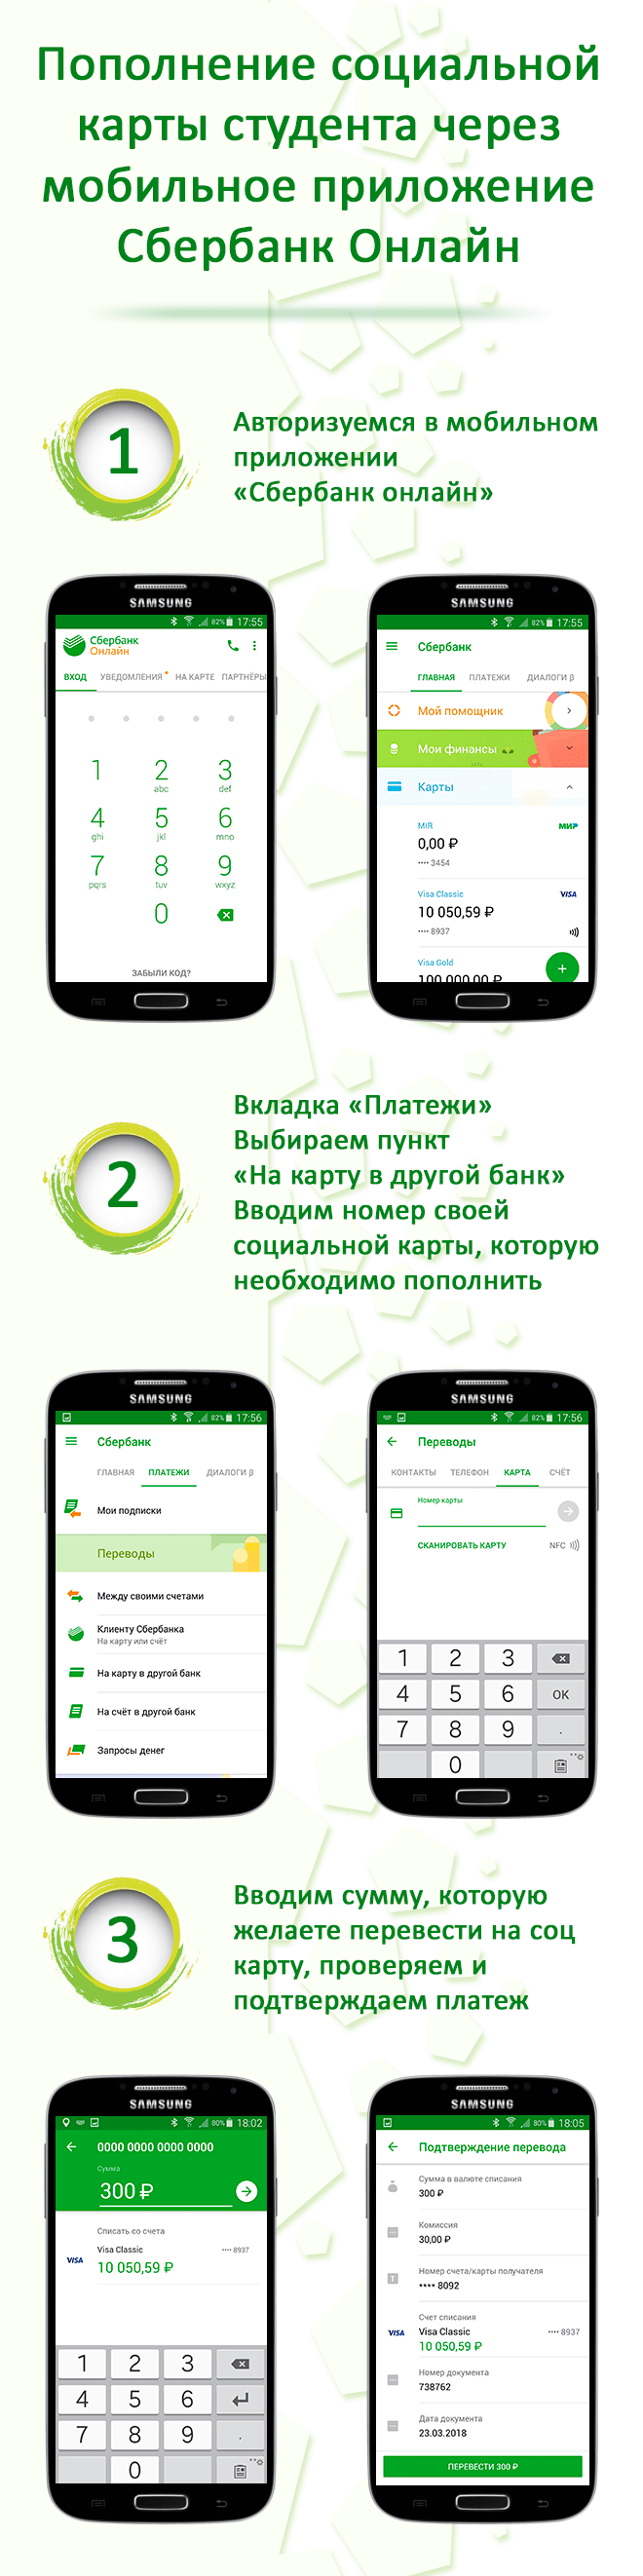 Пополнение соц карты через android приложение сбербанк